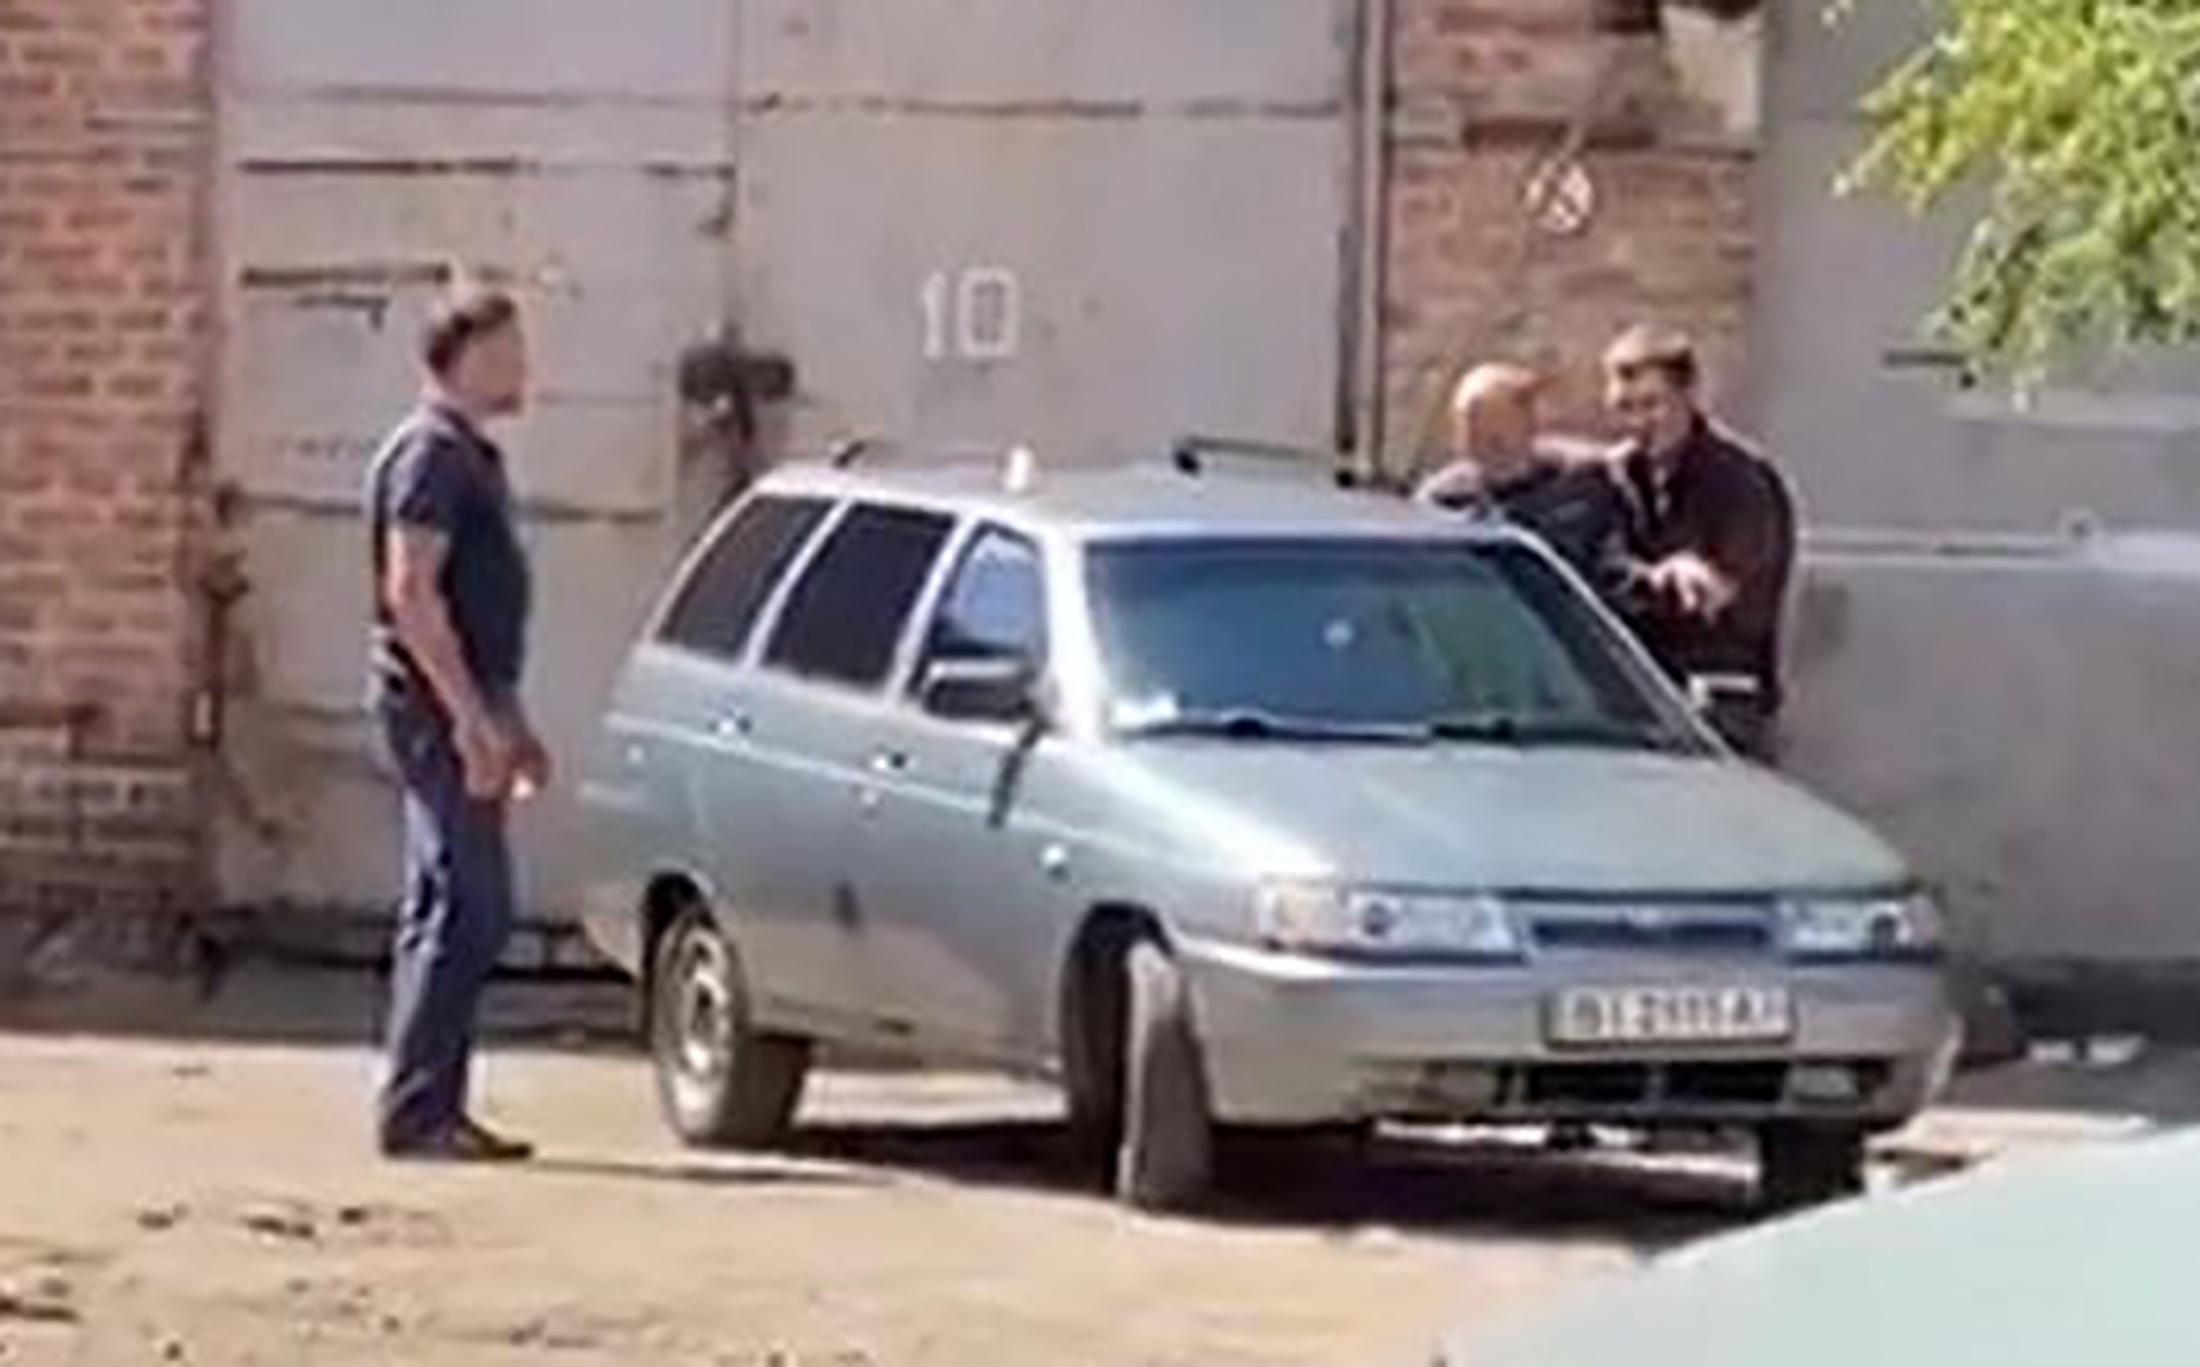 Egy gránát felrobbantásával fenyegetőző autótolvaj túszul ejtett egy rendőrt Ukrajnában